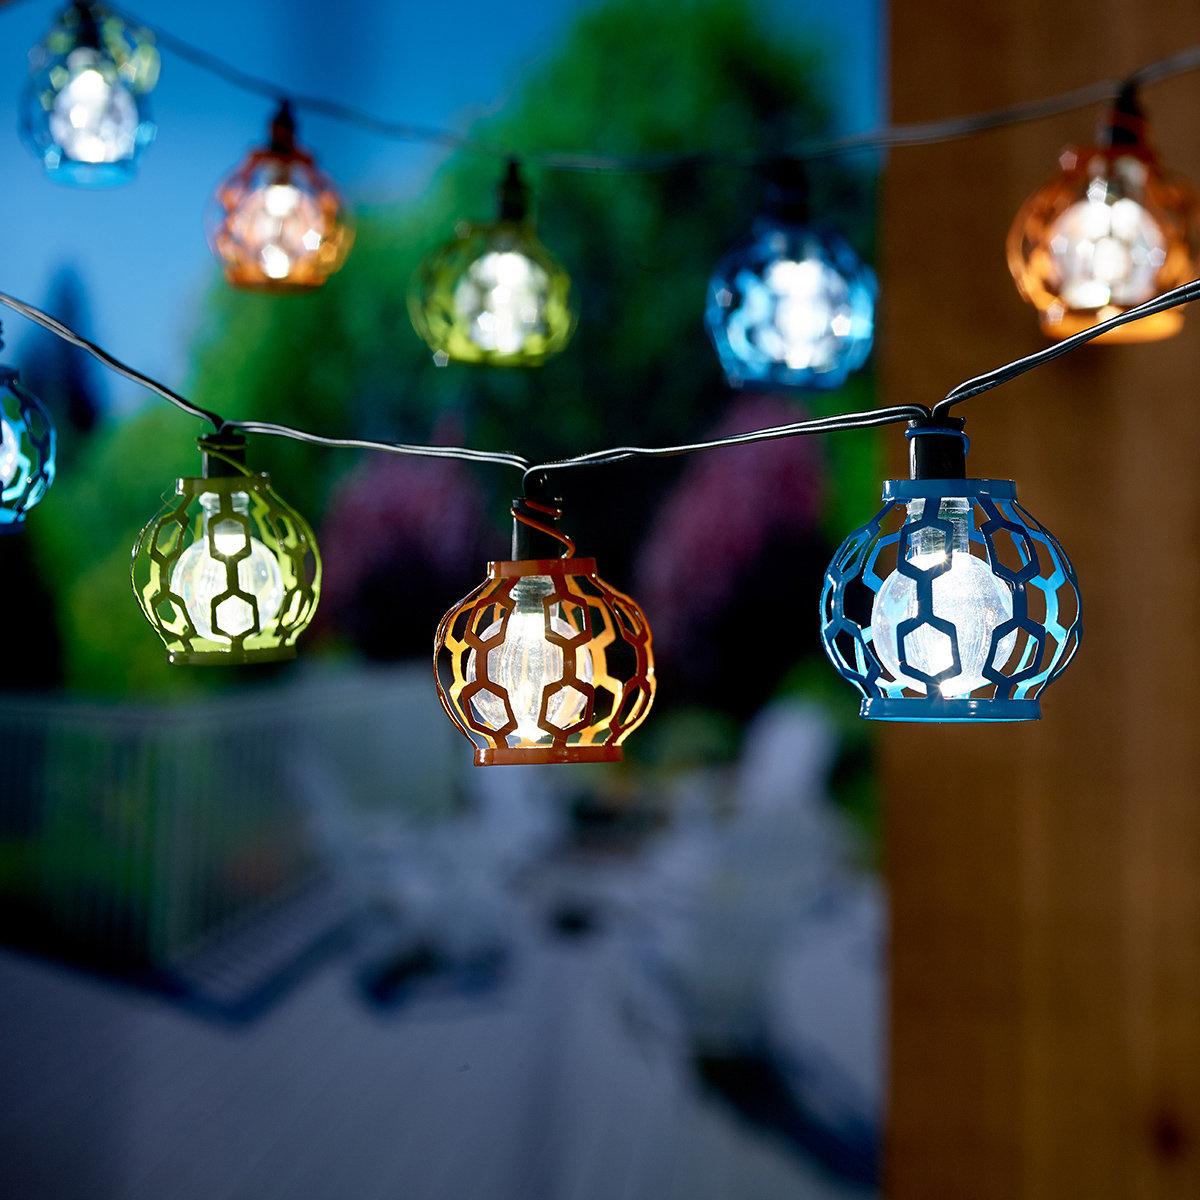 Smart Solar Solar 20-Light 5.5 ft. Globe String Lights ...